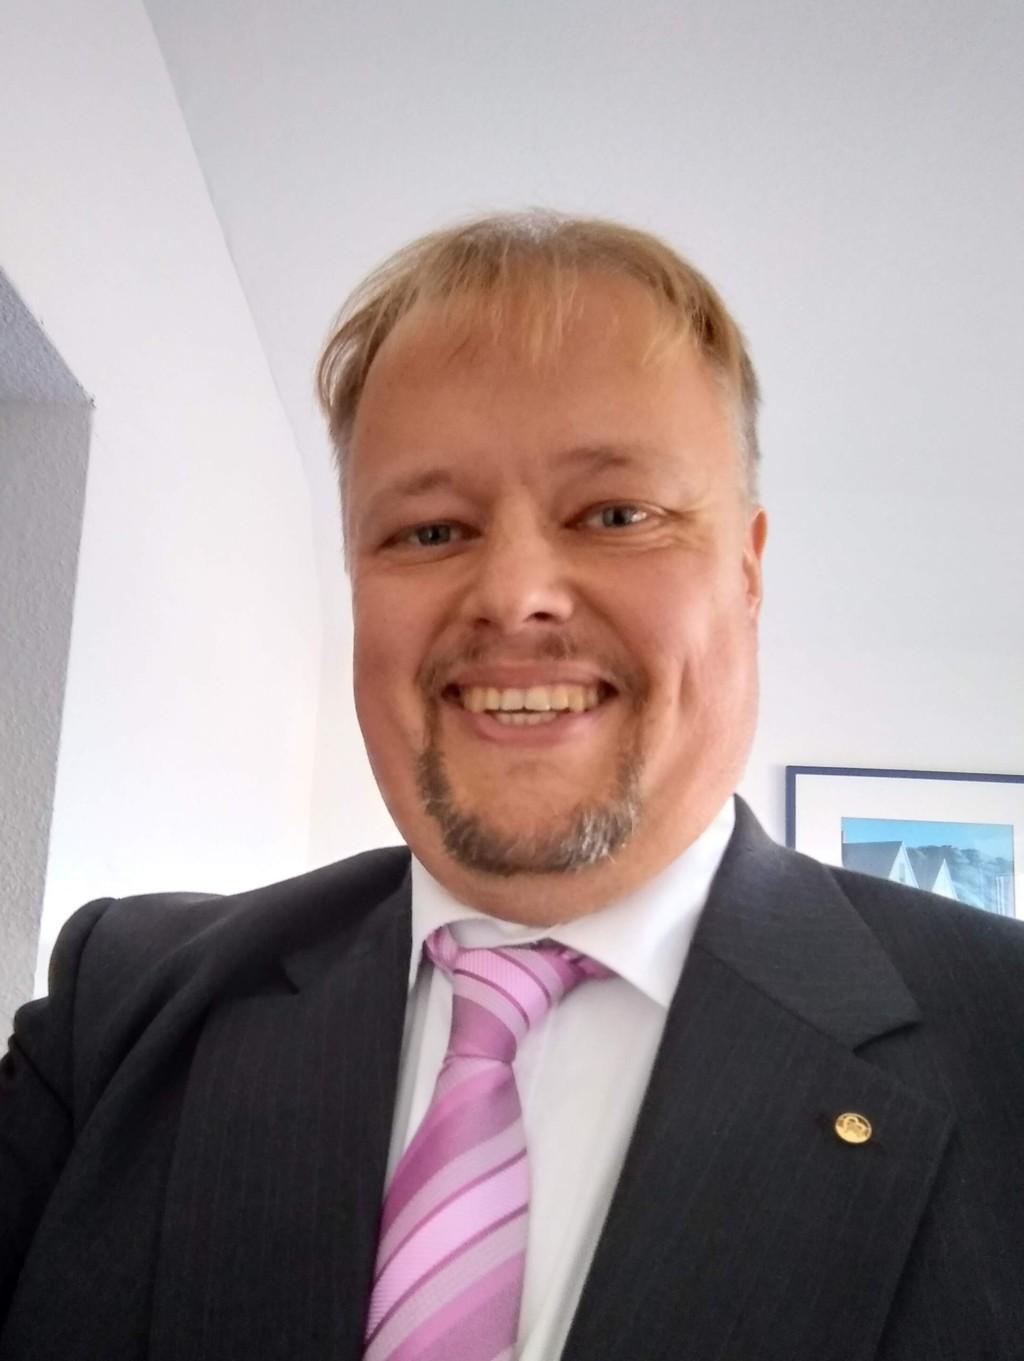 M. Bludau SPD Diekholzen